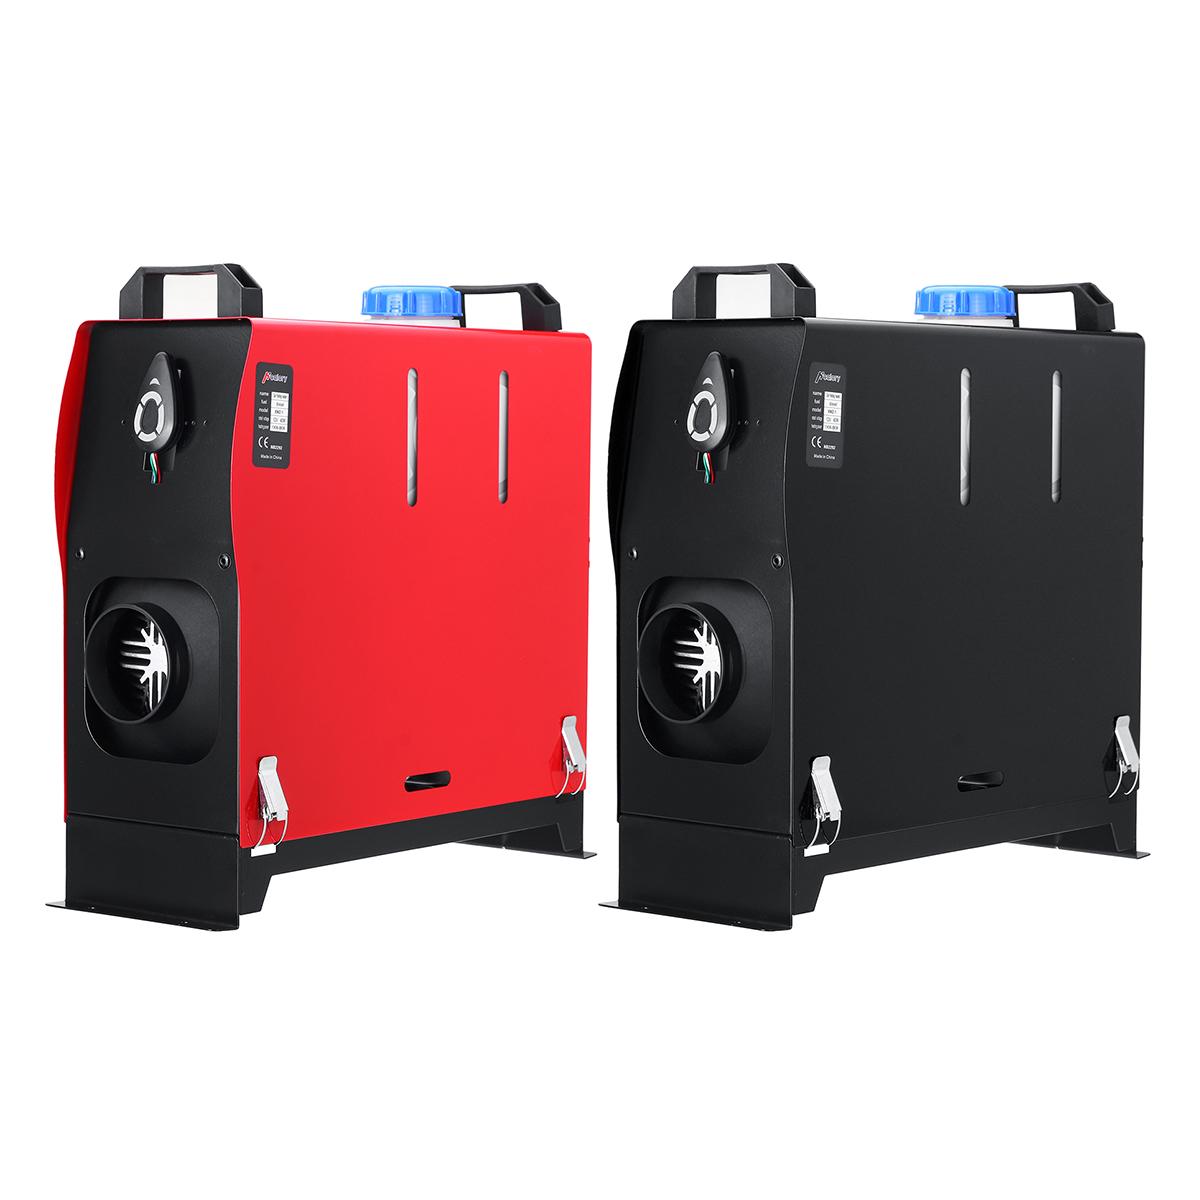 Все в One Единица 8KW 12V Voice Broadcast Авто Отопление Инструмент Diesel Air Нагреватель Автономный обогреватель с одним отверстием для грузового автобу